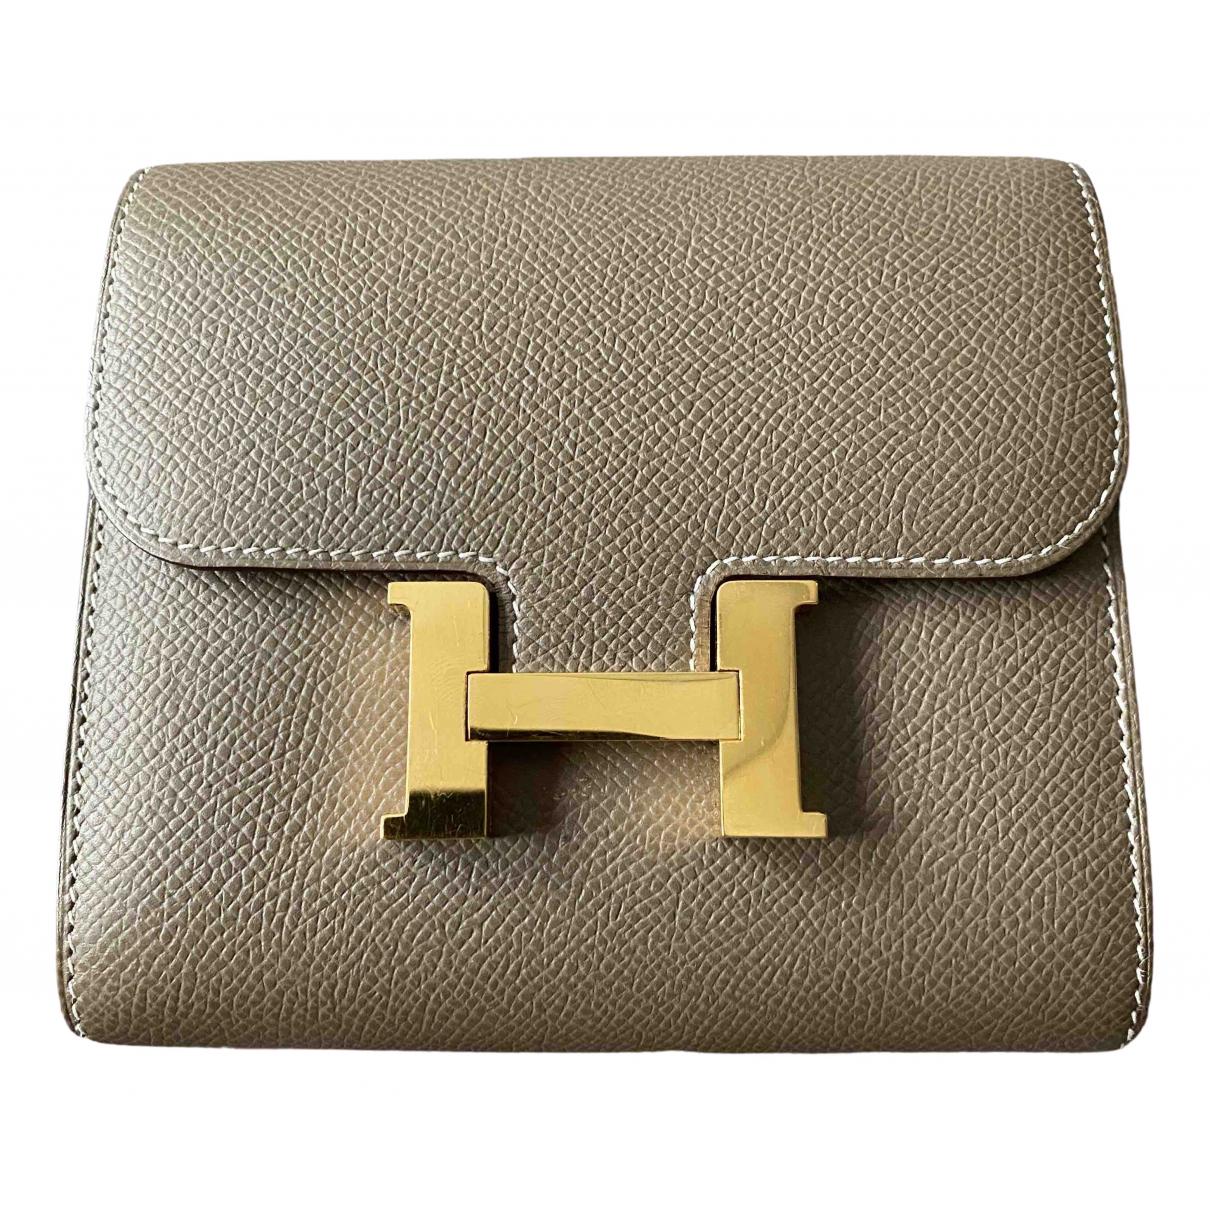 Hermes Constance Kleinlederwaren in  Beige Leder